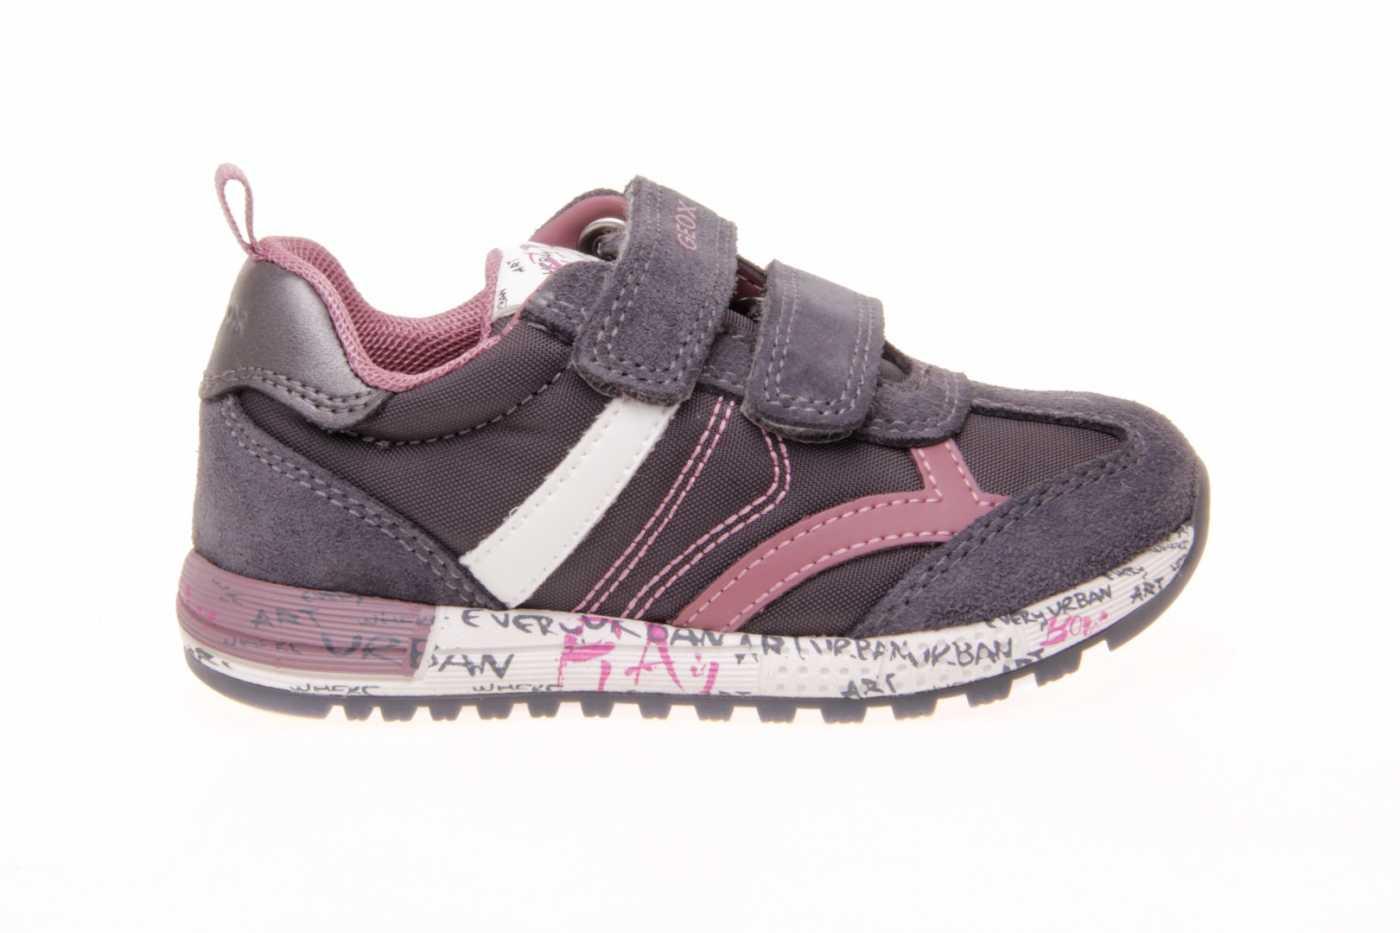 caldera frecuentemente Estimado  Comprar zapato GEOX para JOVEN NIÑA estilo BLUCHER color GRIS PIEL